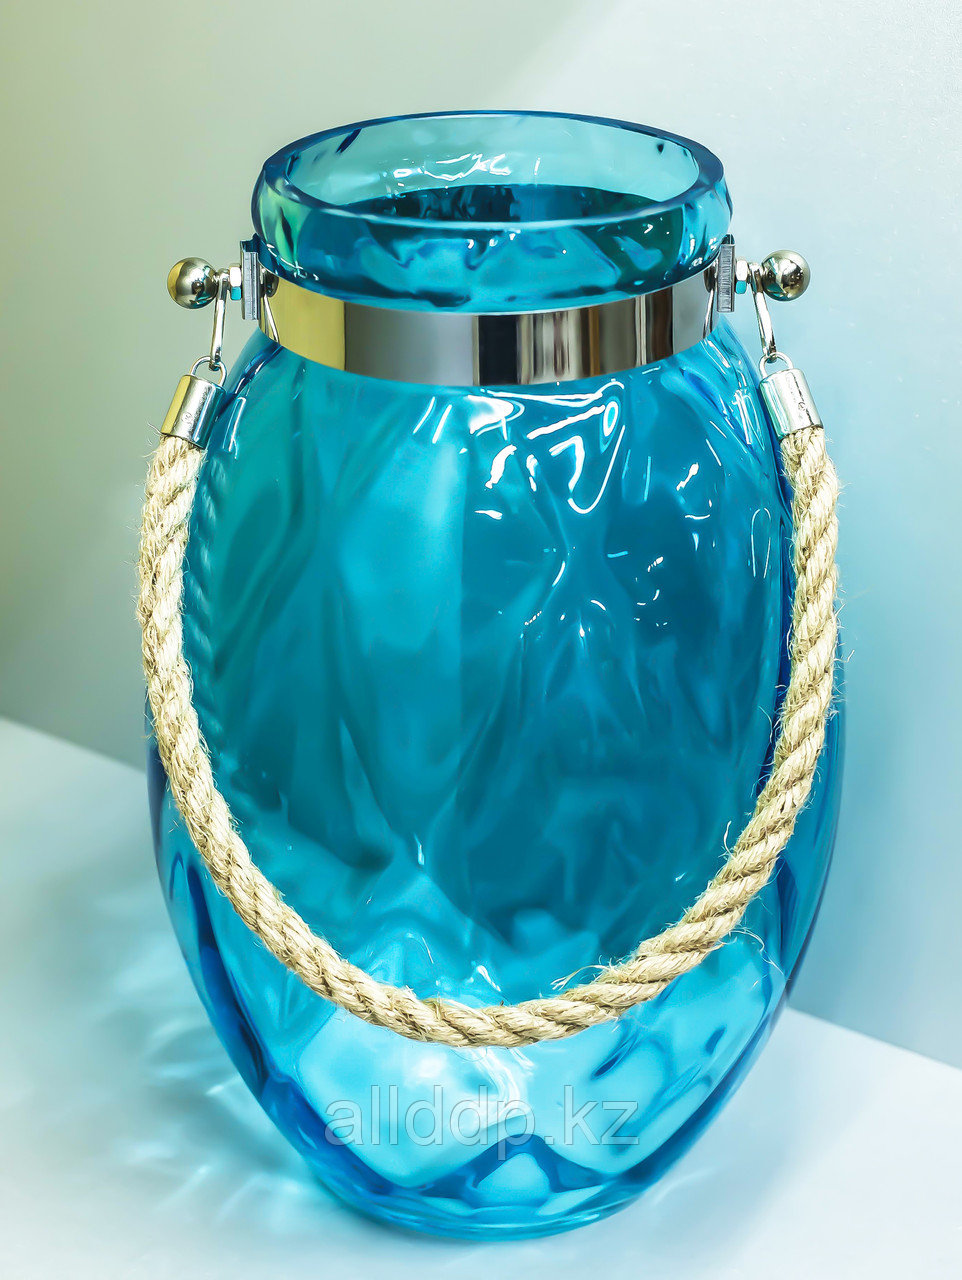 """Декоративная банка -сувенир """"Овал"""", подвесная (голубое стекло),33см"""